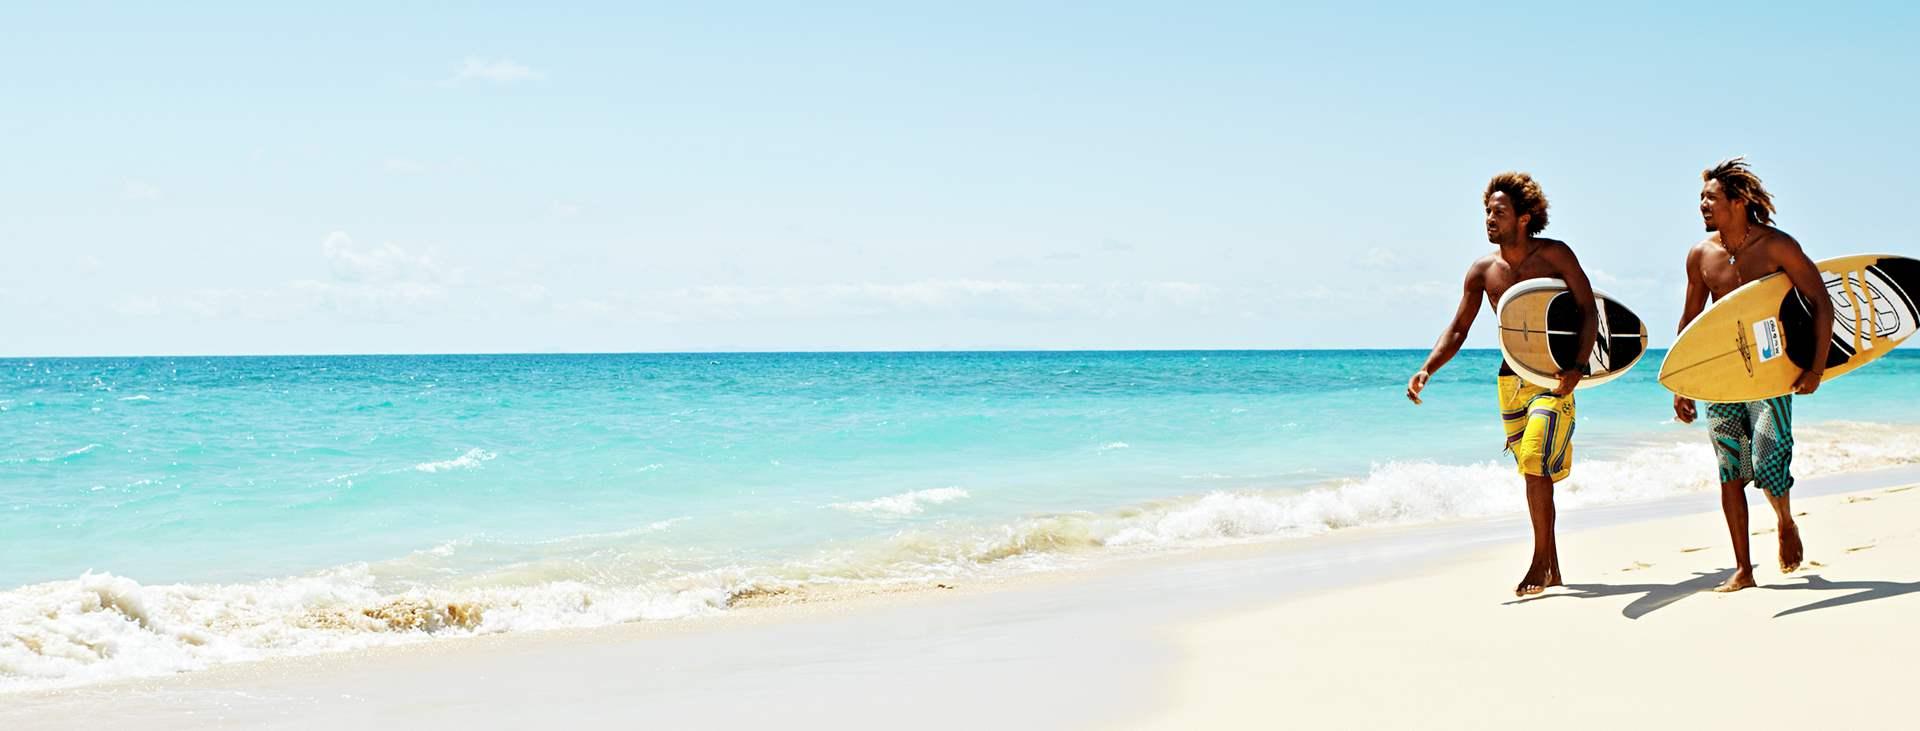 Varaa Tjäreborgilta matka Salin saarelle, Kap Verdelle